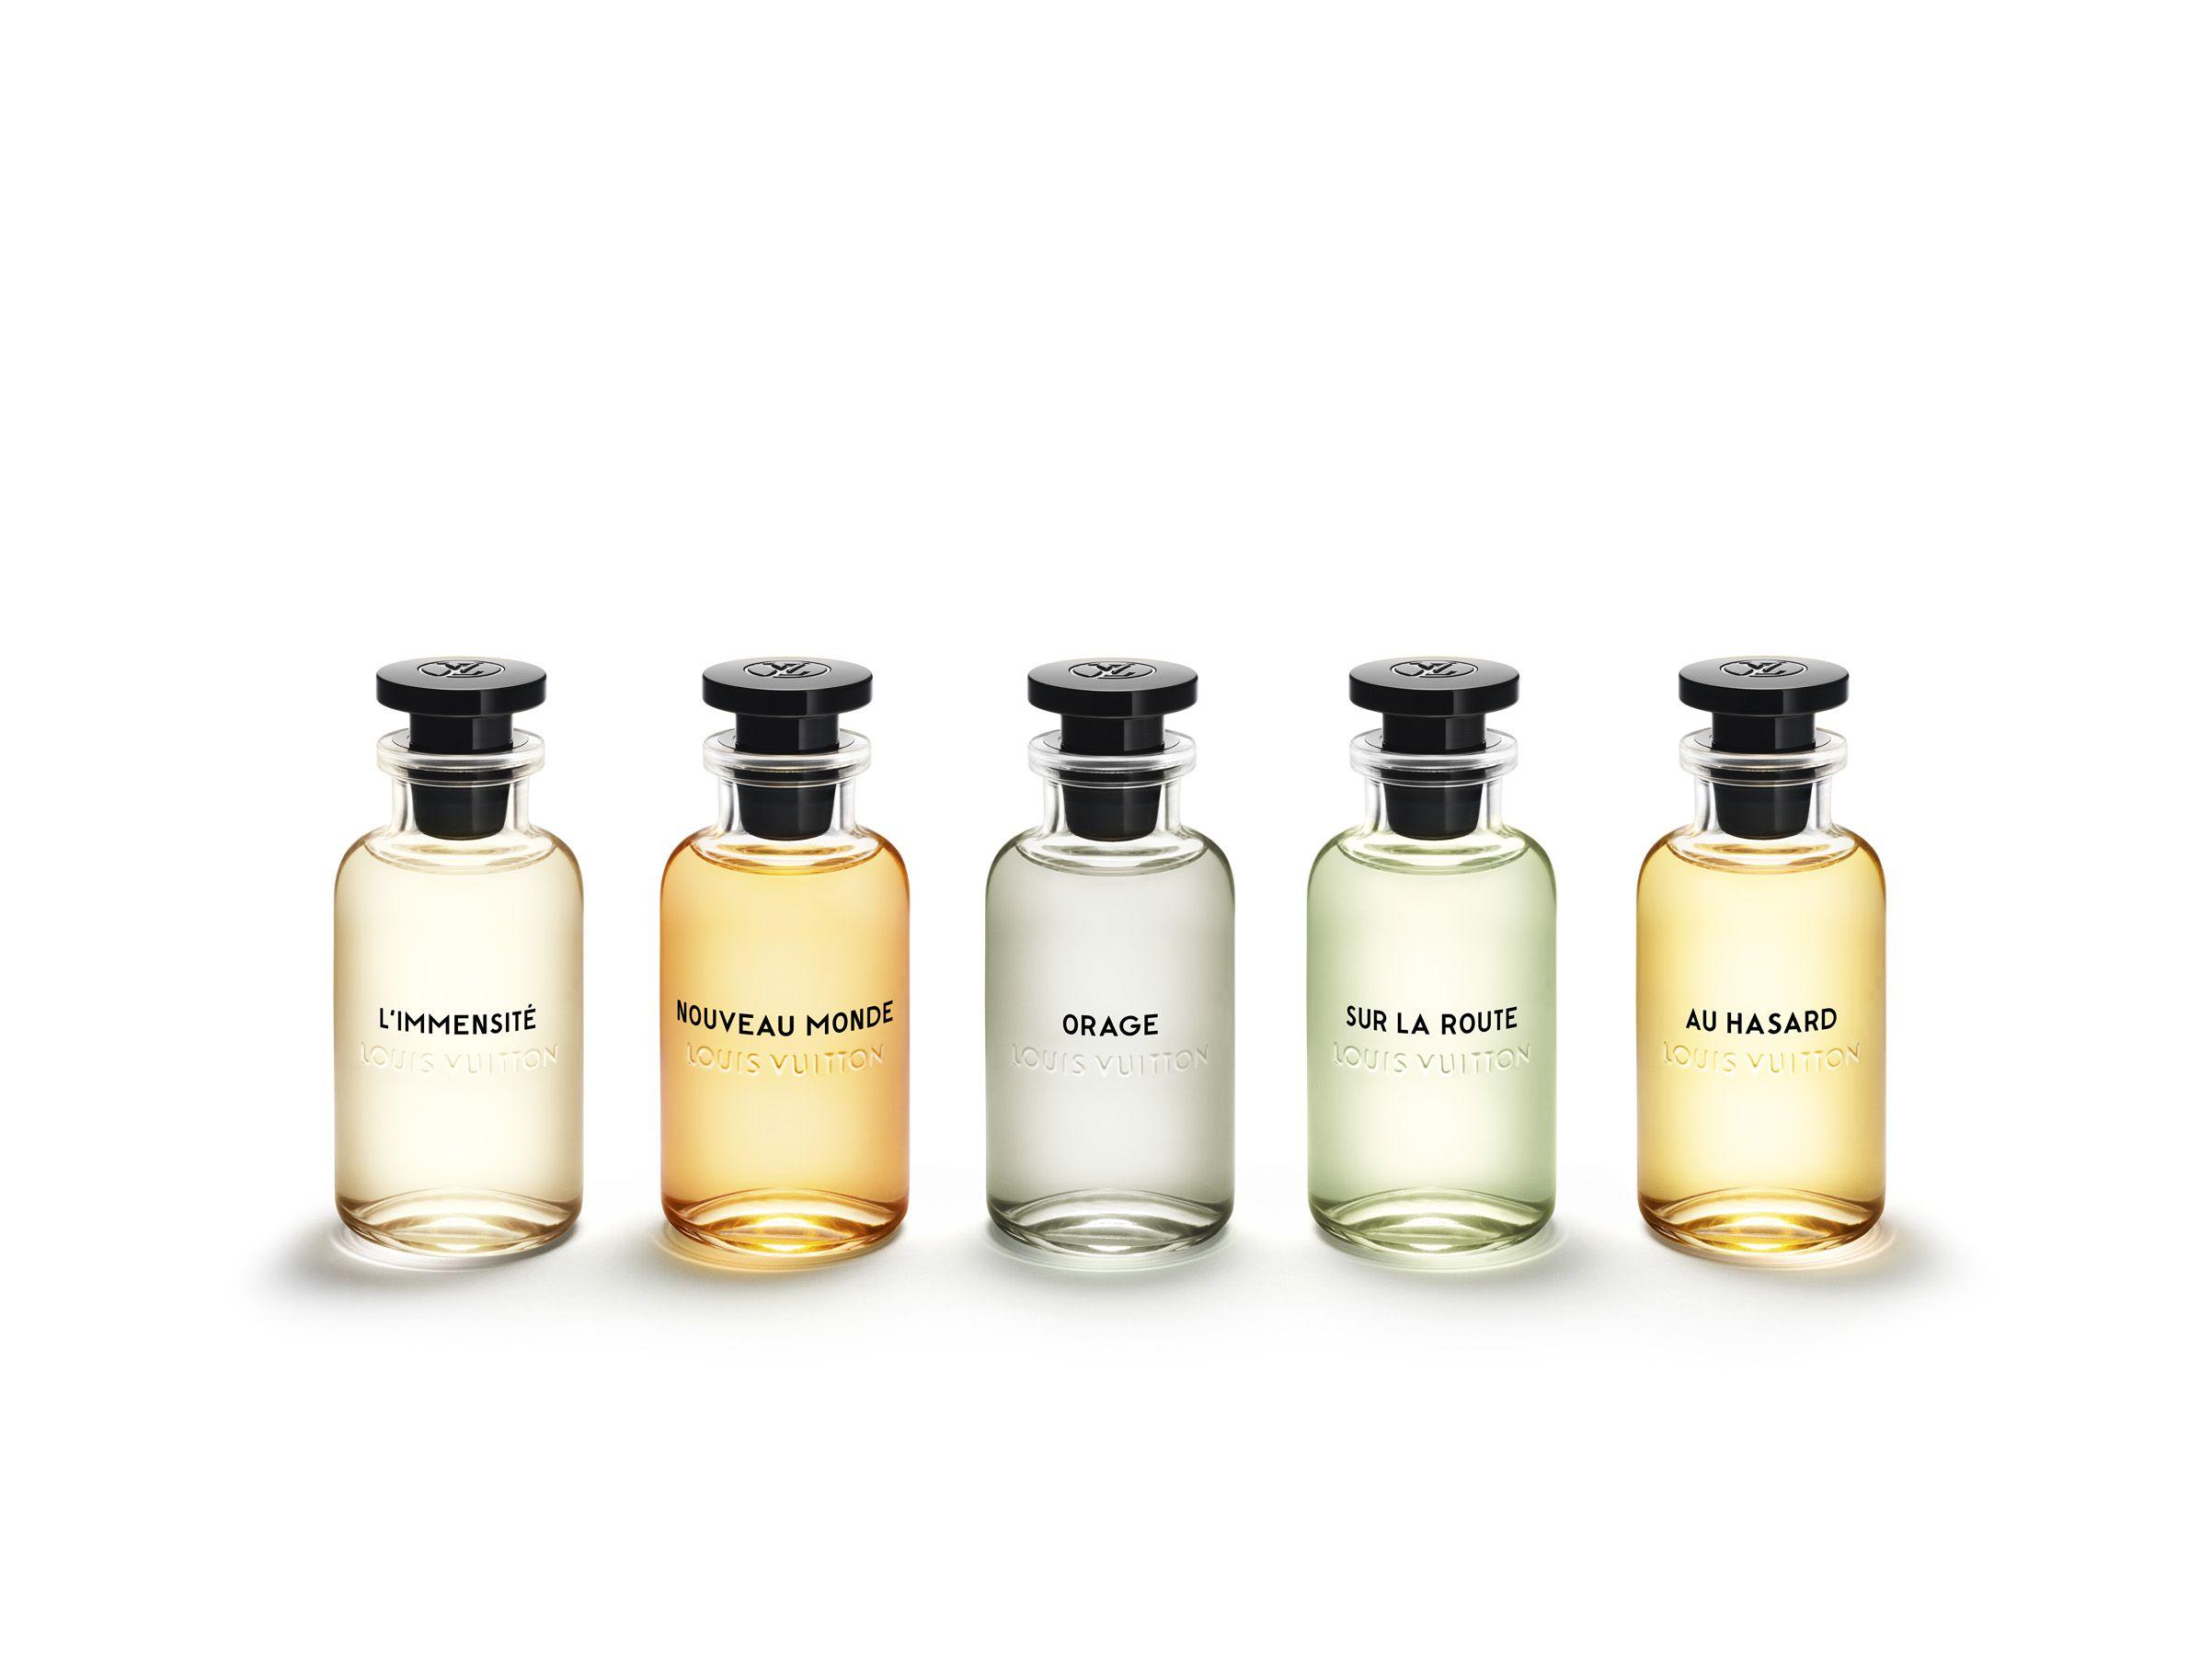 buy online a7ced 43af2 I primi profumi da uomo di Louis Vuitton hanno note rare e ...